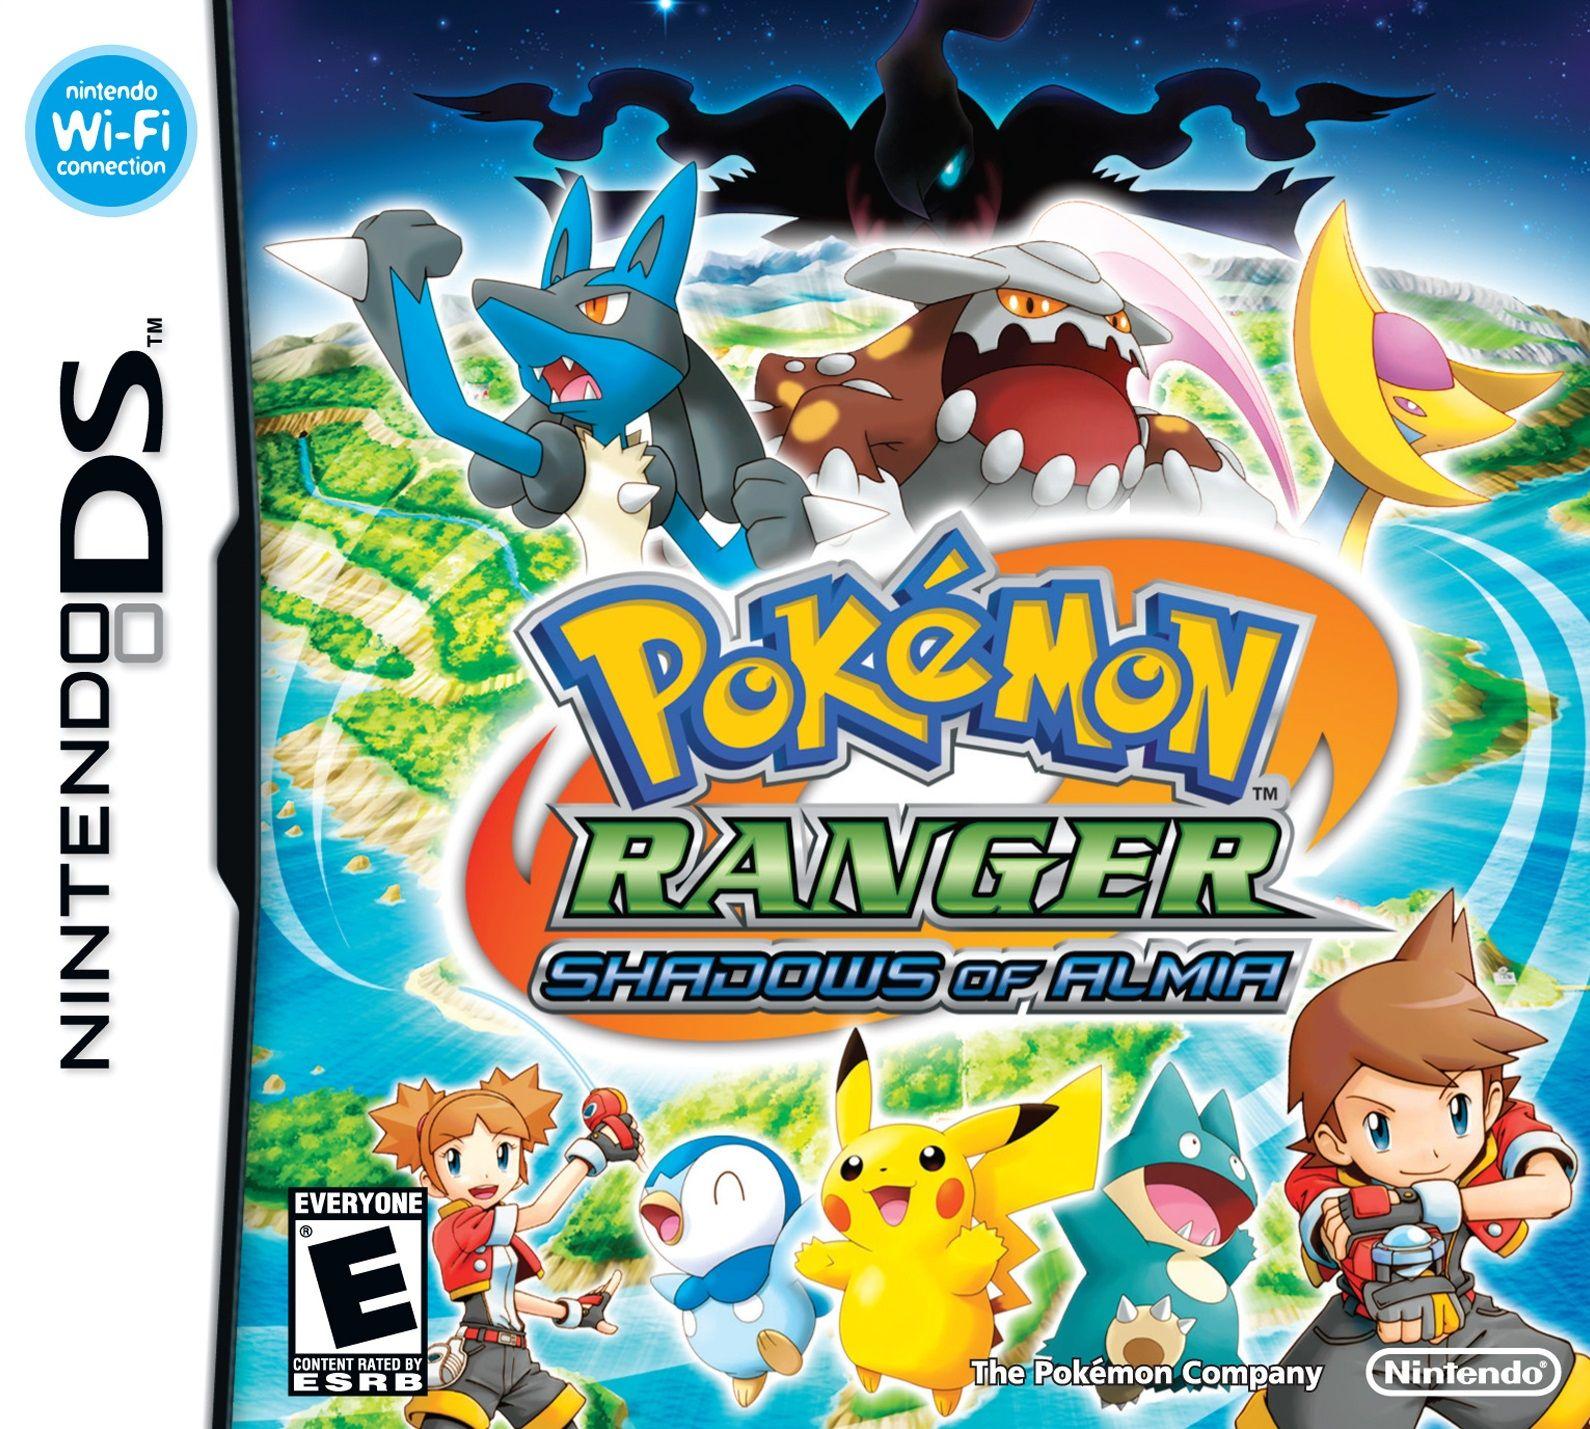 Pokémon Ranger Shadows of Almia ROM DS